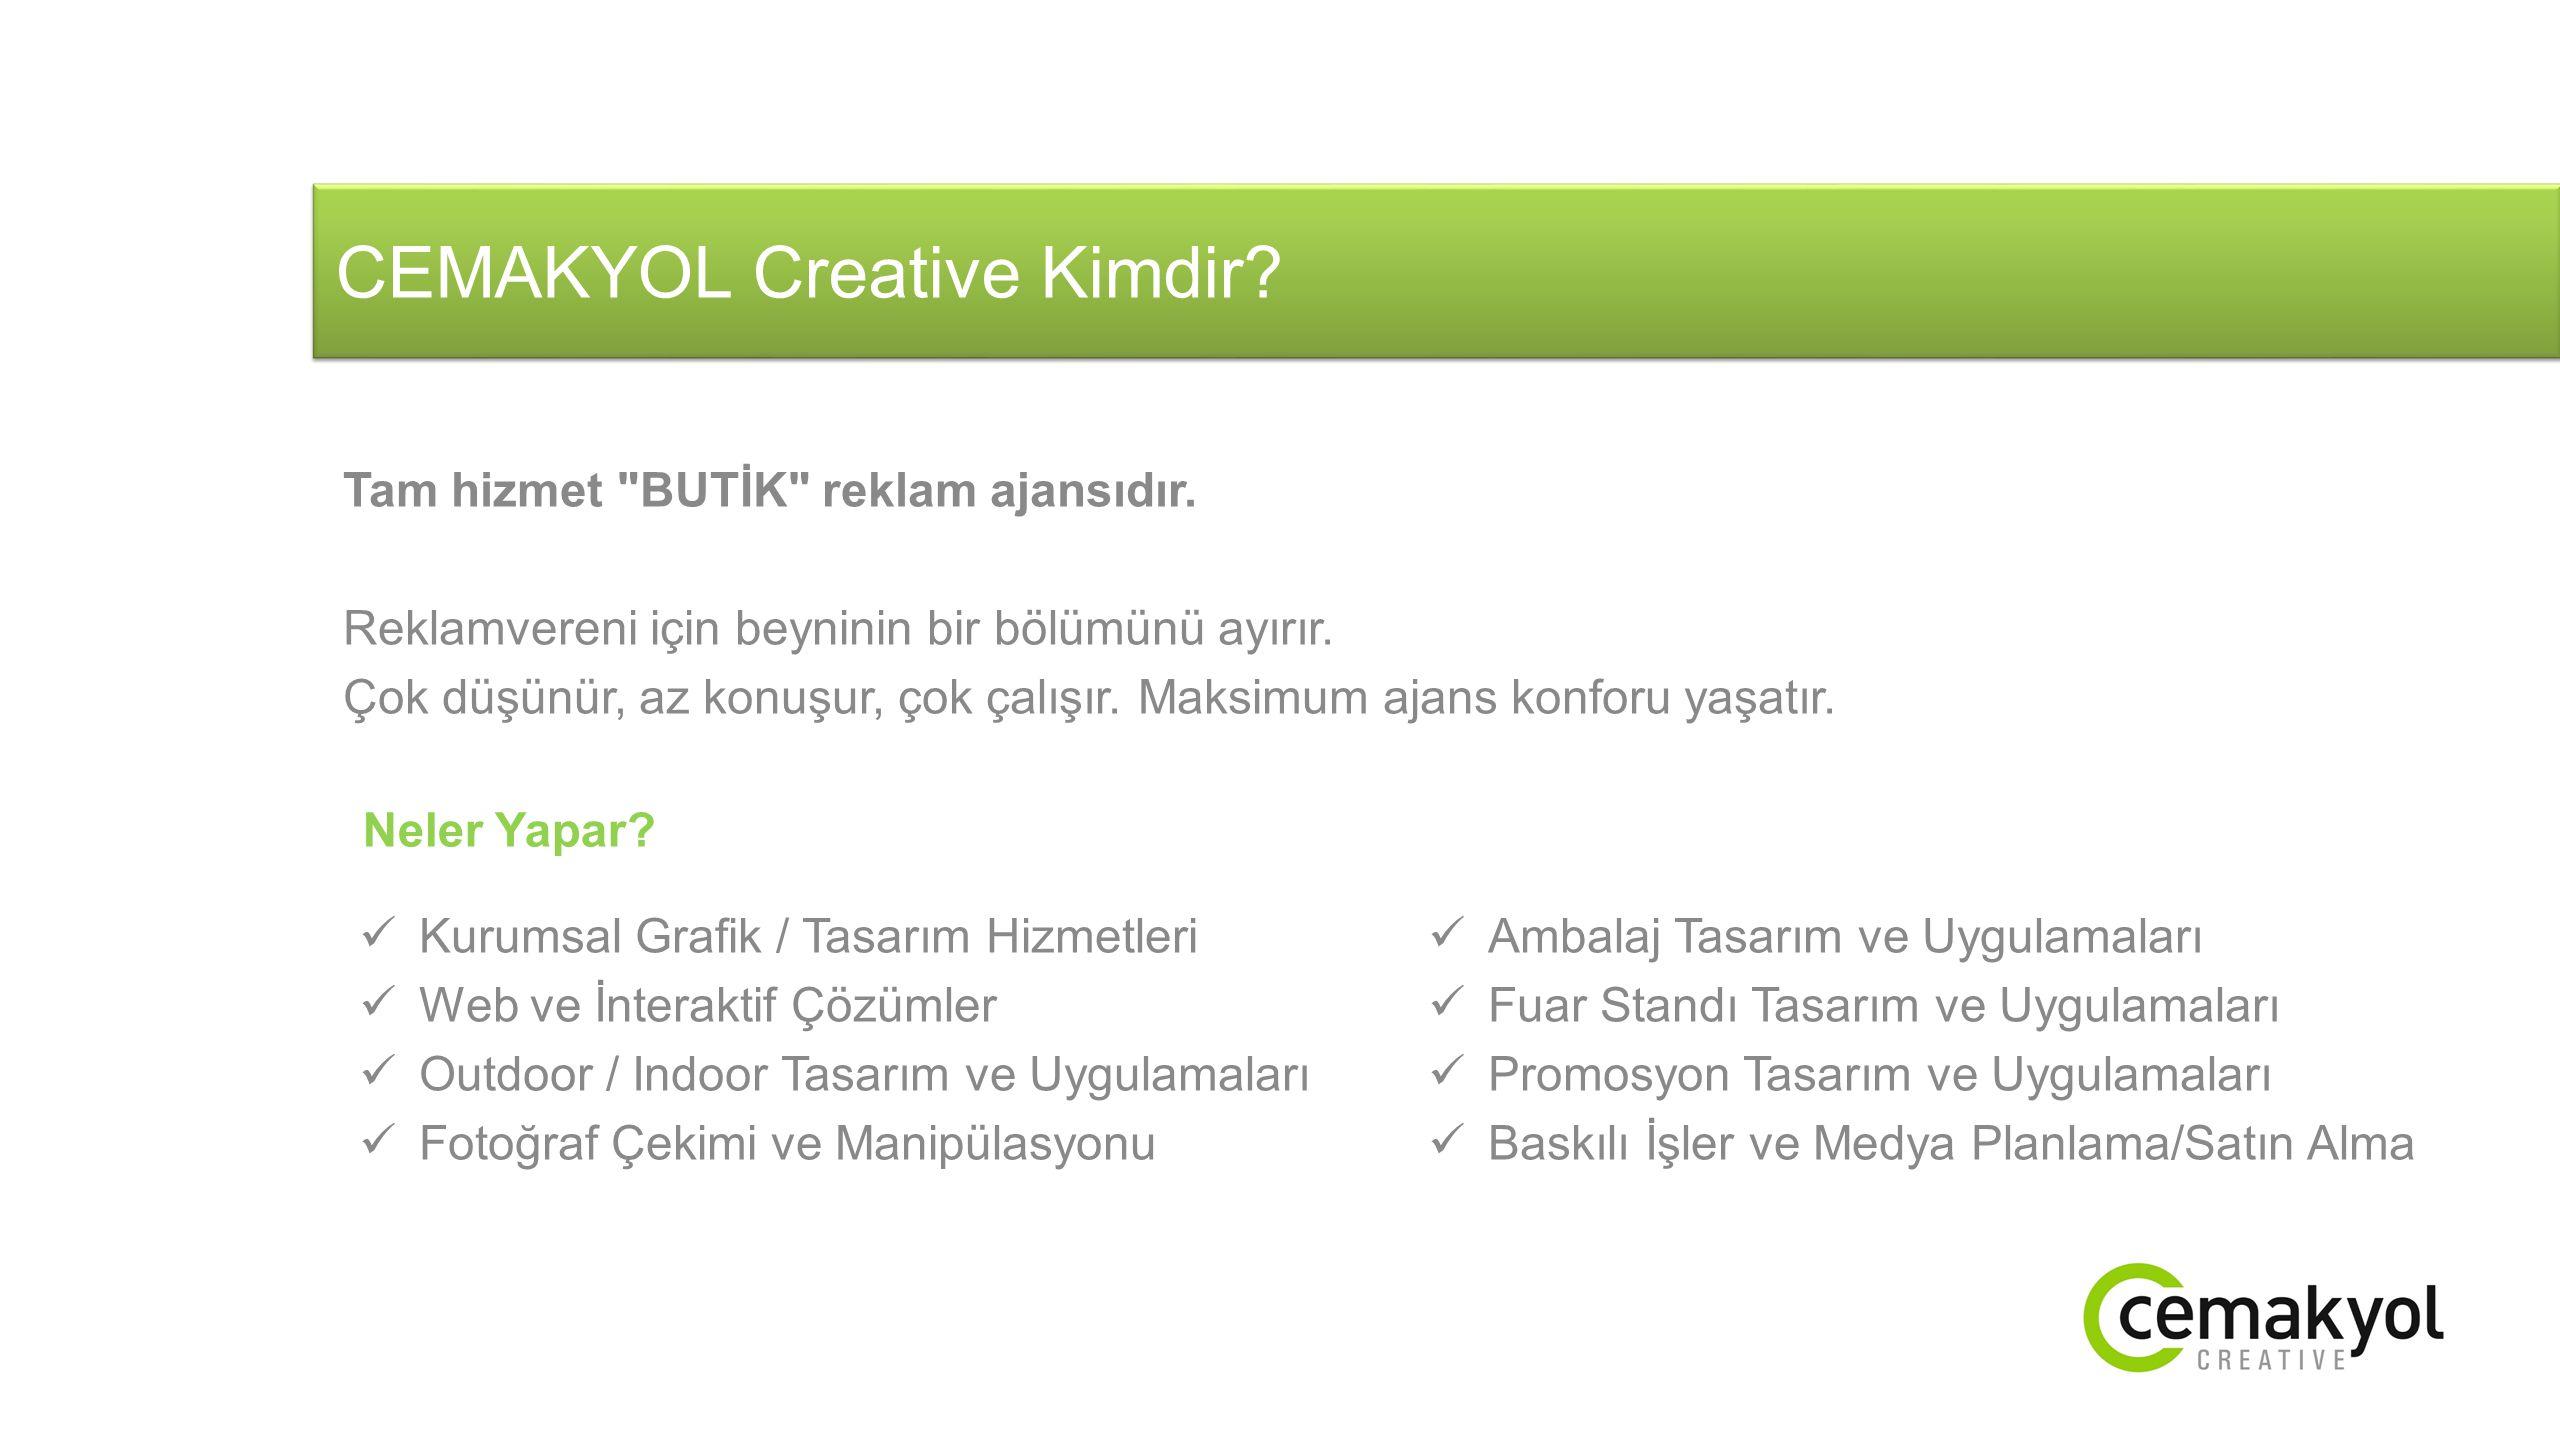 CEMAKYOL Creative Kimdir? Tam hizmet